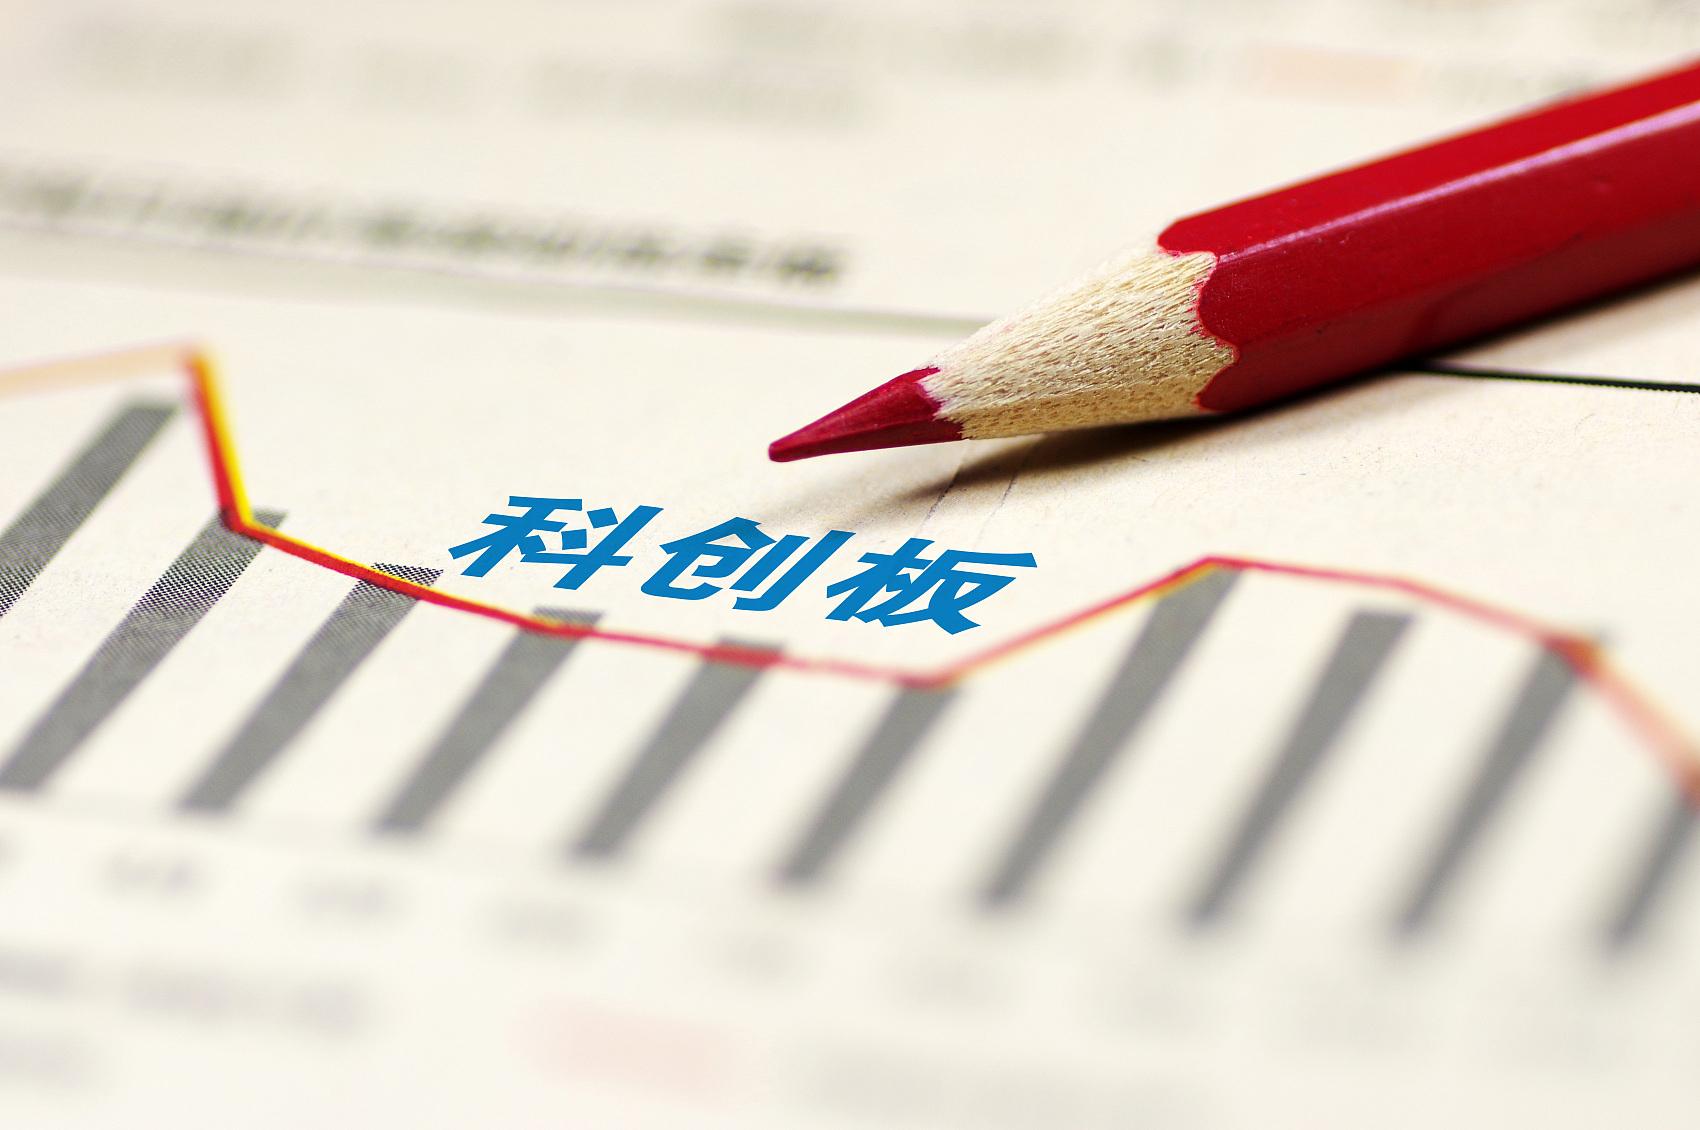 还是来了,科创板新股首现上市首日破发!市场踏上新台阶:从买方约束到卖方尽责